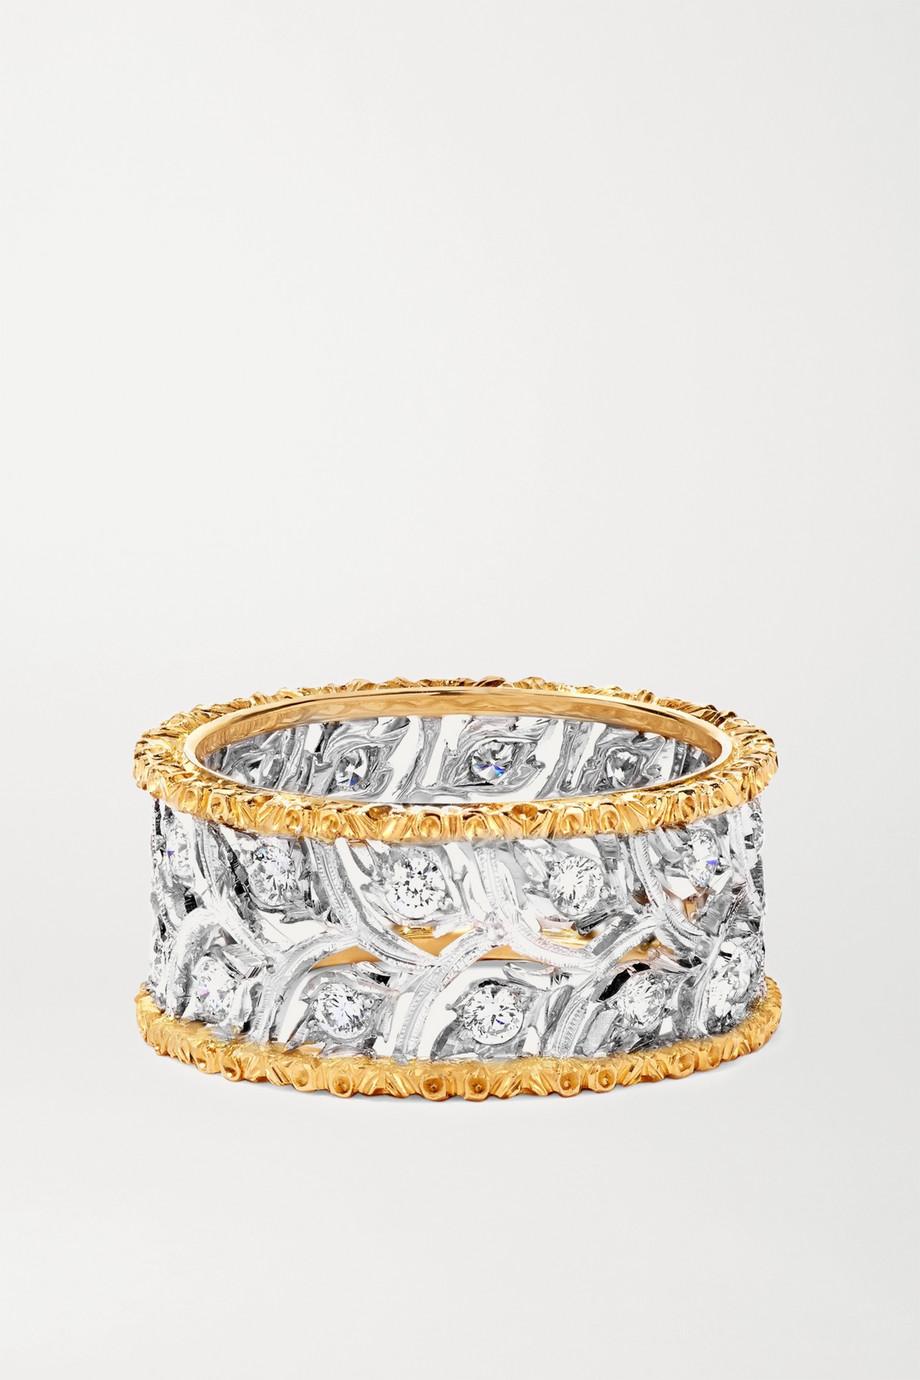 Buccellati Ramage Eternelle Ring aus 18 Karat Weiß- und Gelbgold mit Diamanten